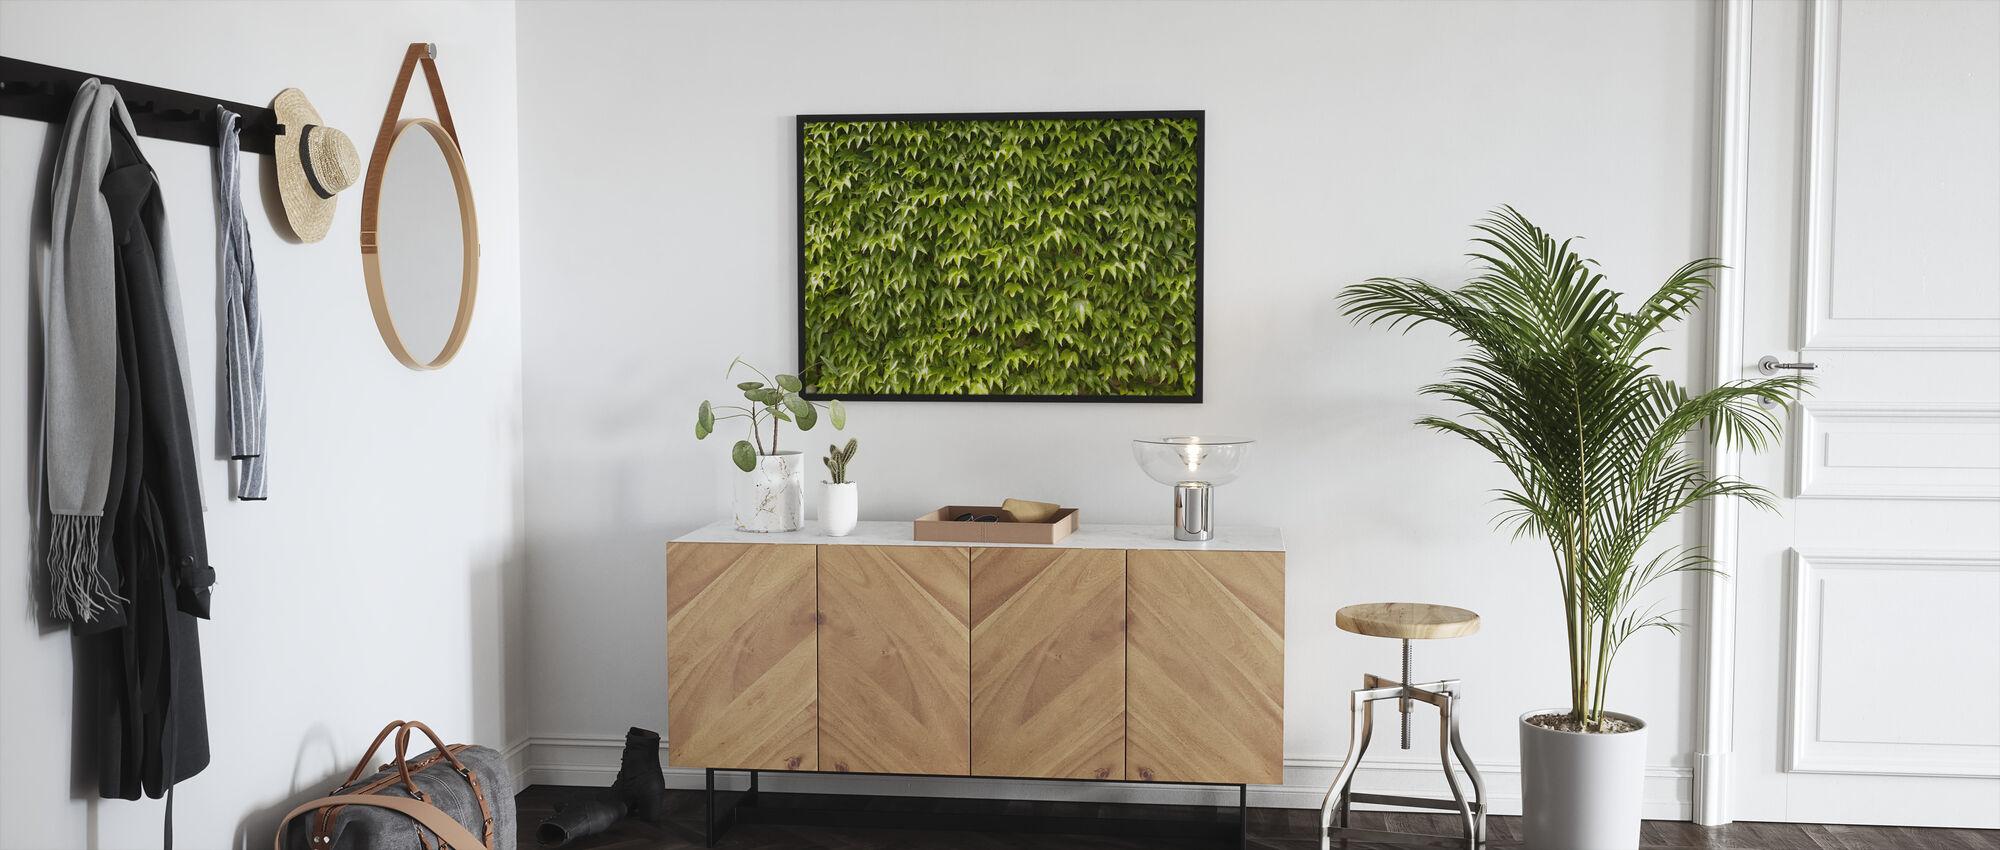 Vihreä seinä muratti lehdet - Kehystetty kuva - Aula